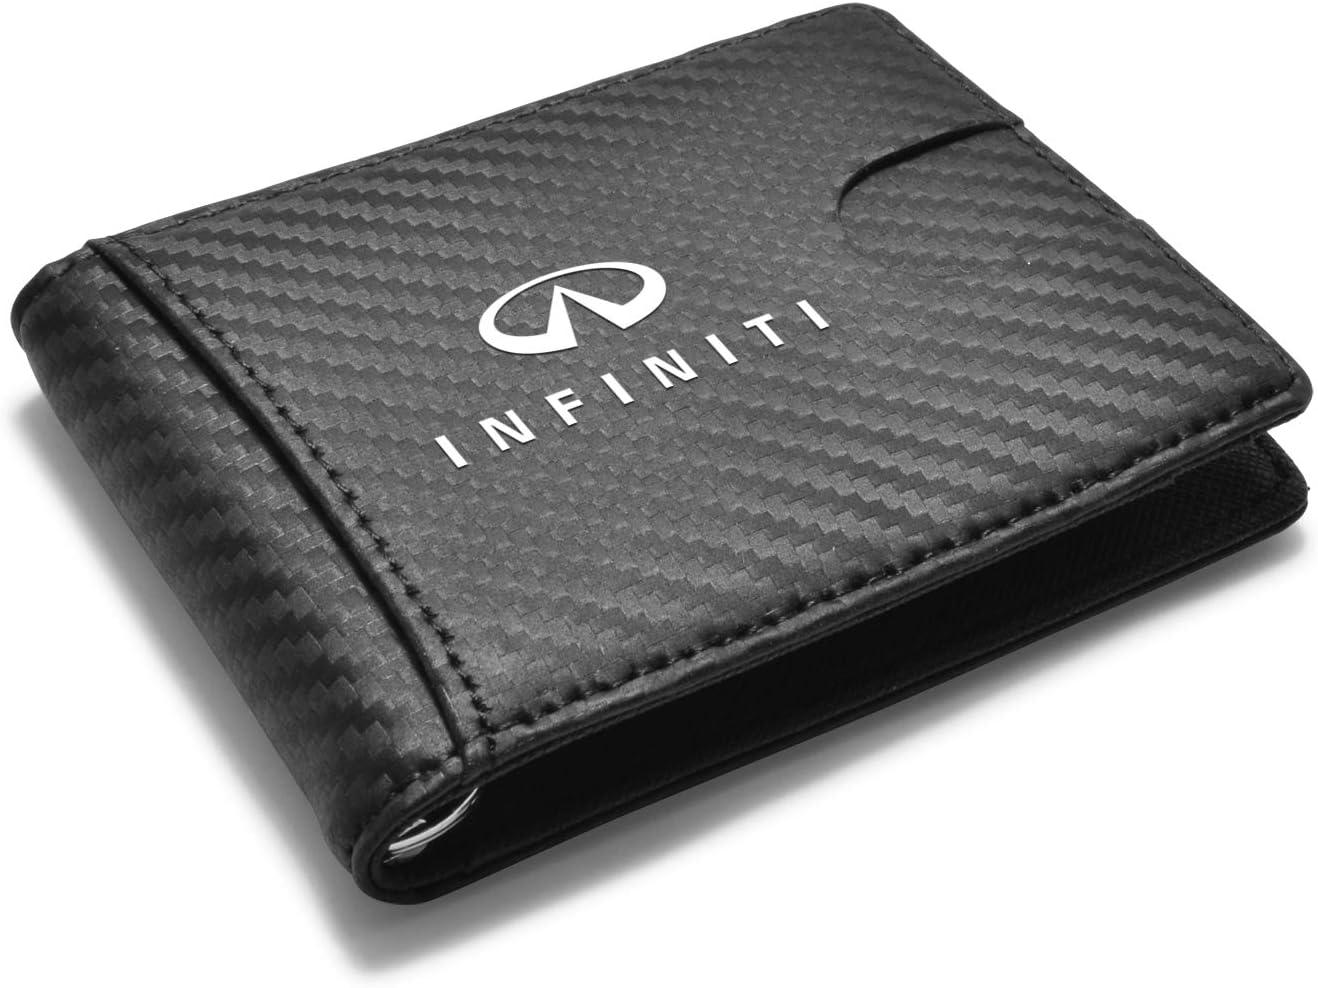 iPick Image for - INFINITI Logo RFID Blocking Black Slim Real Leather Carbon Fiber Patterns Bi-fold Wallet for Men Women